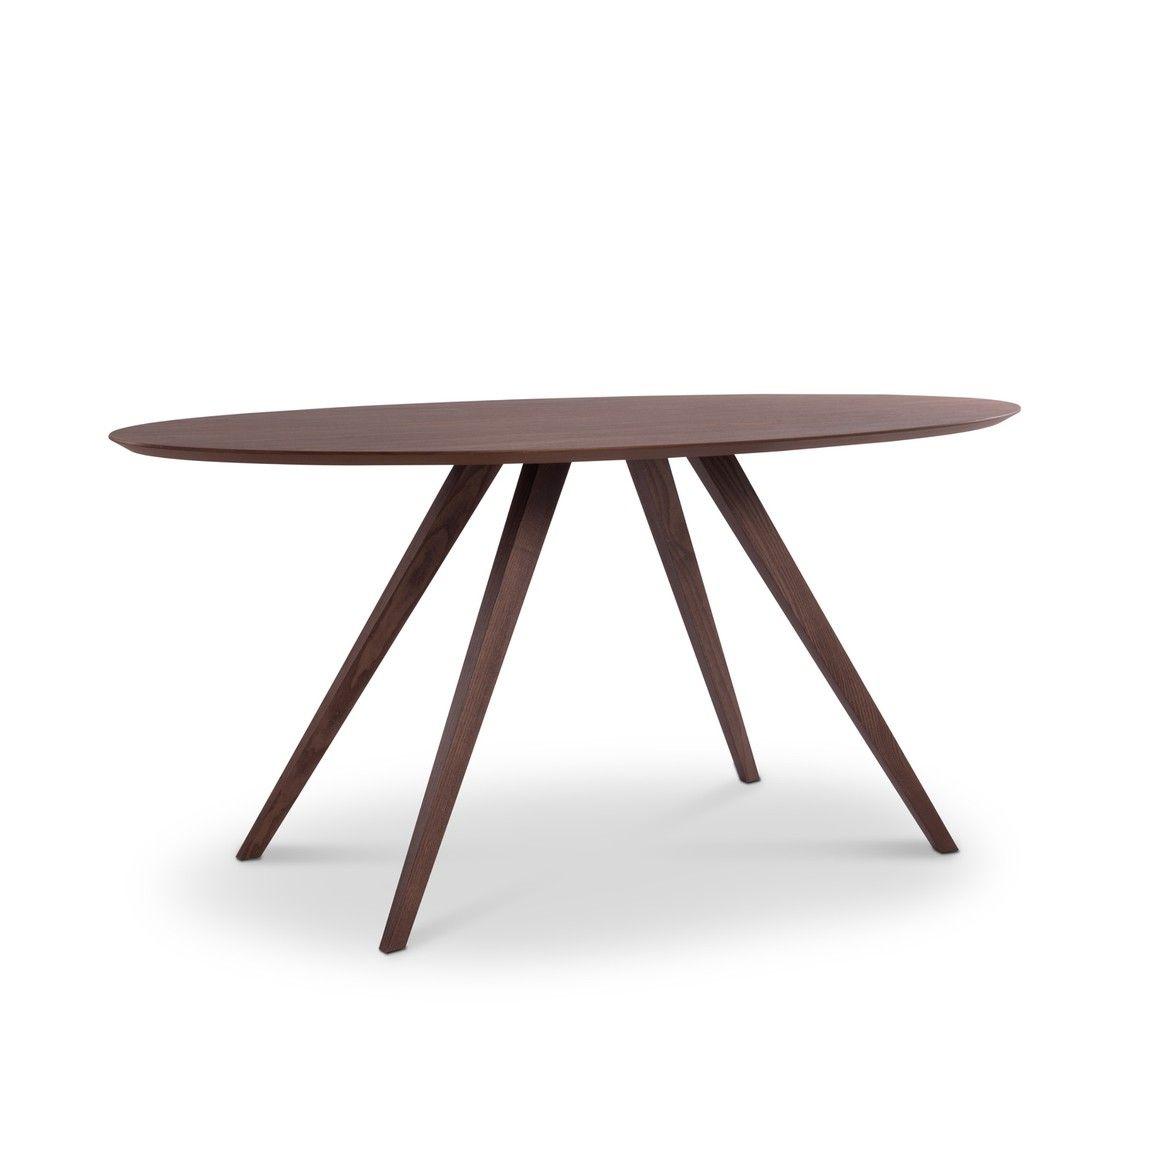 Loretta Noyer Laque 14283600 0 Esstisch Tisch Esstisch Oval